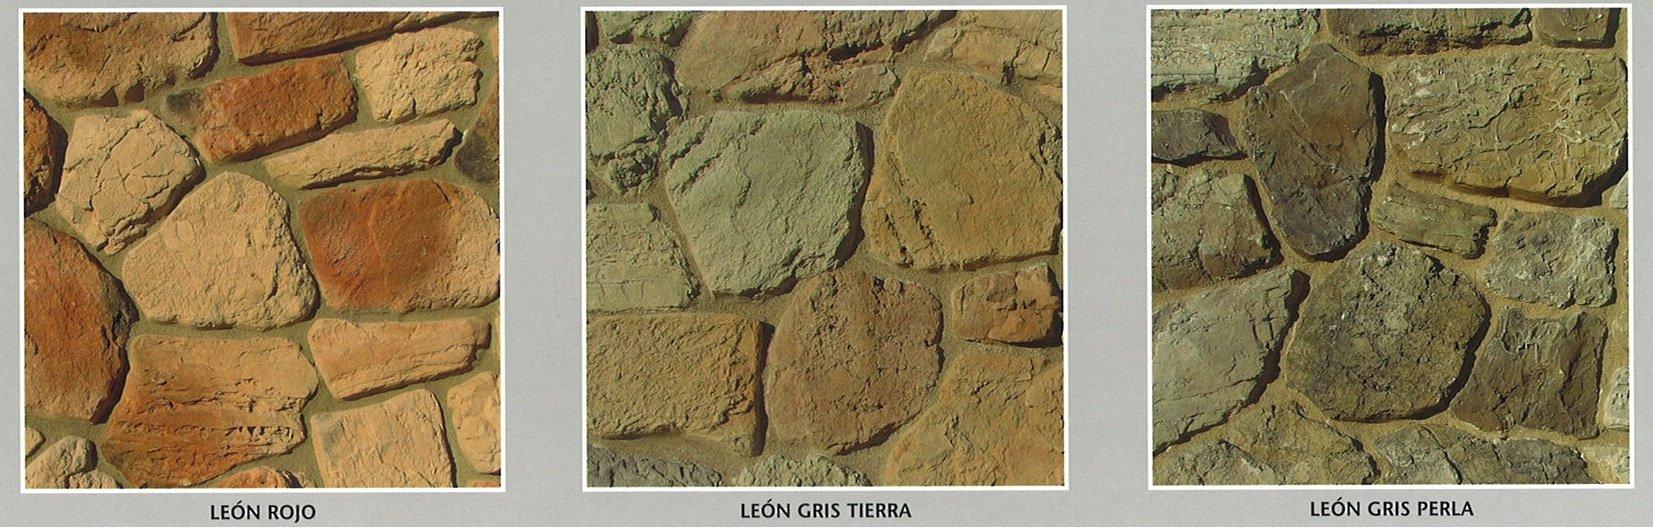 piedra cultivada leon modelos 2